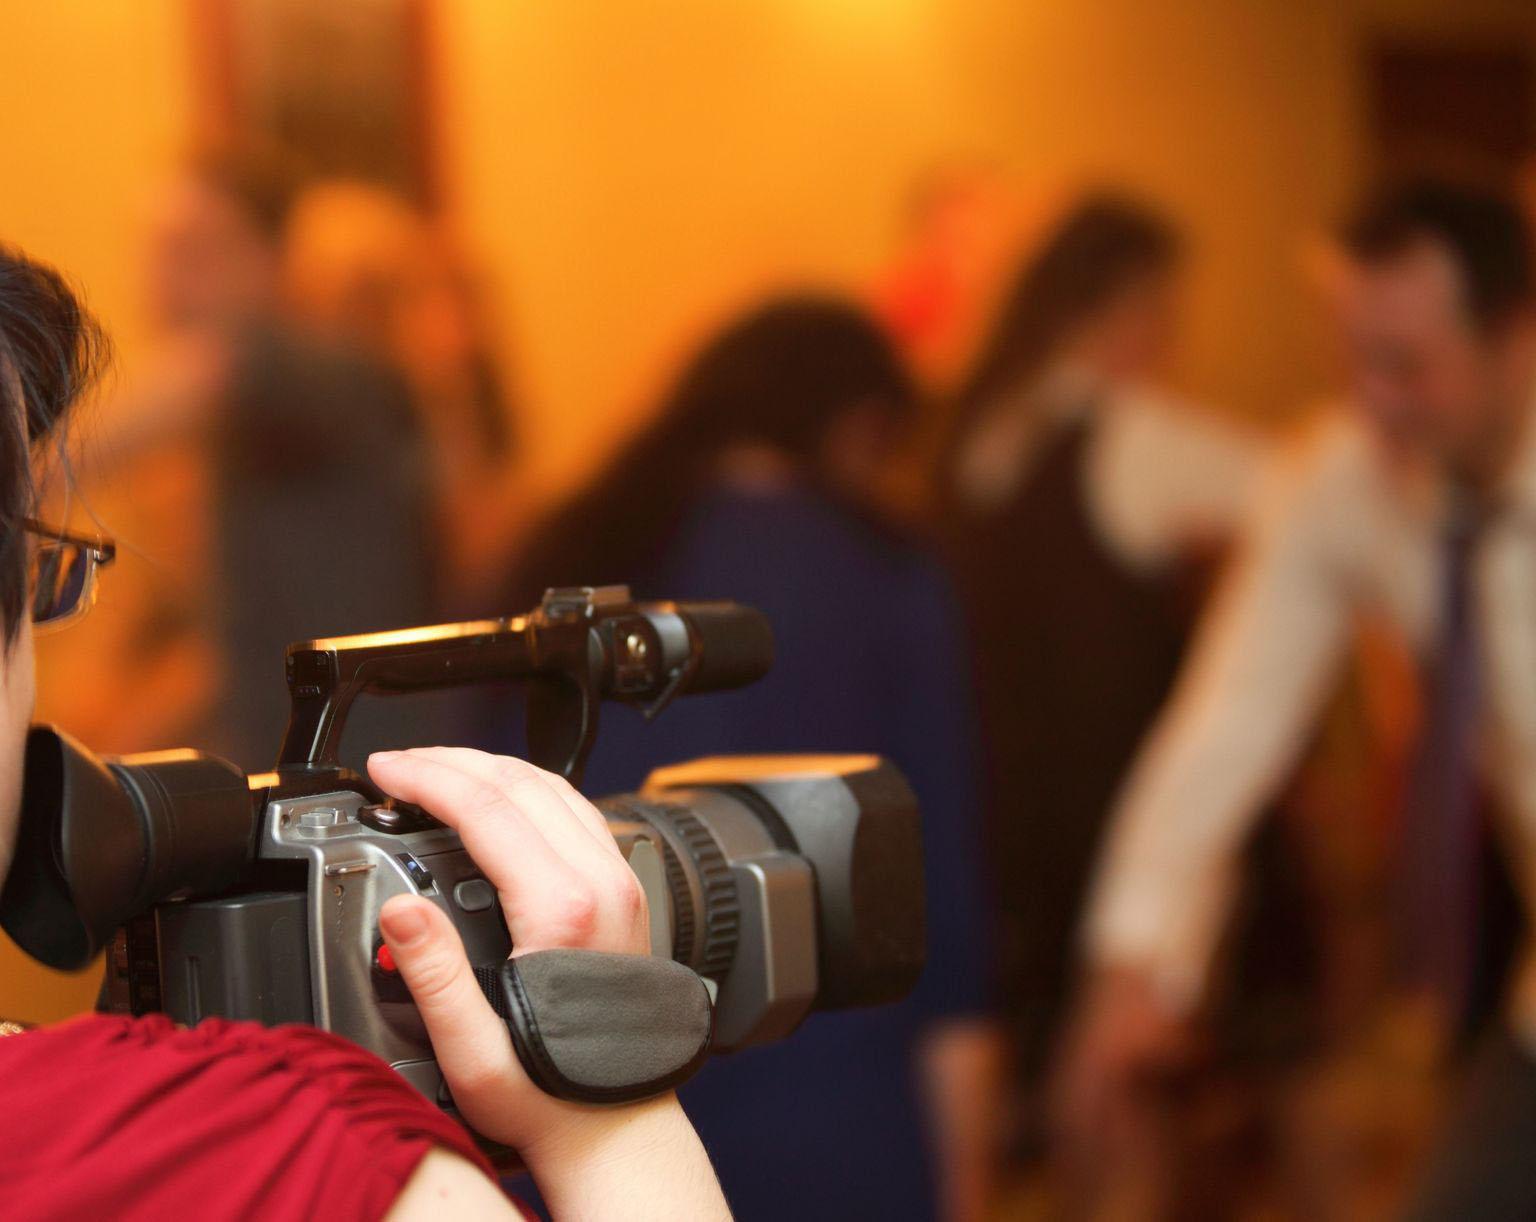 Réalisation de vidéo d'entreprise